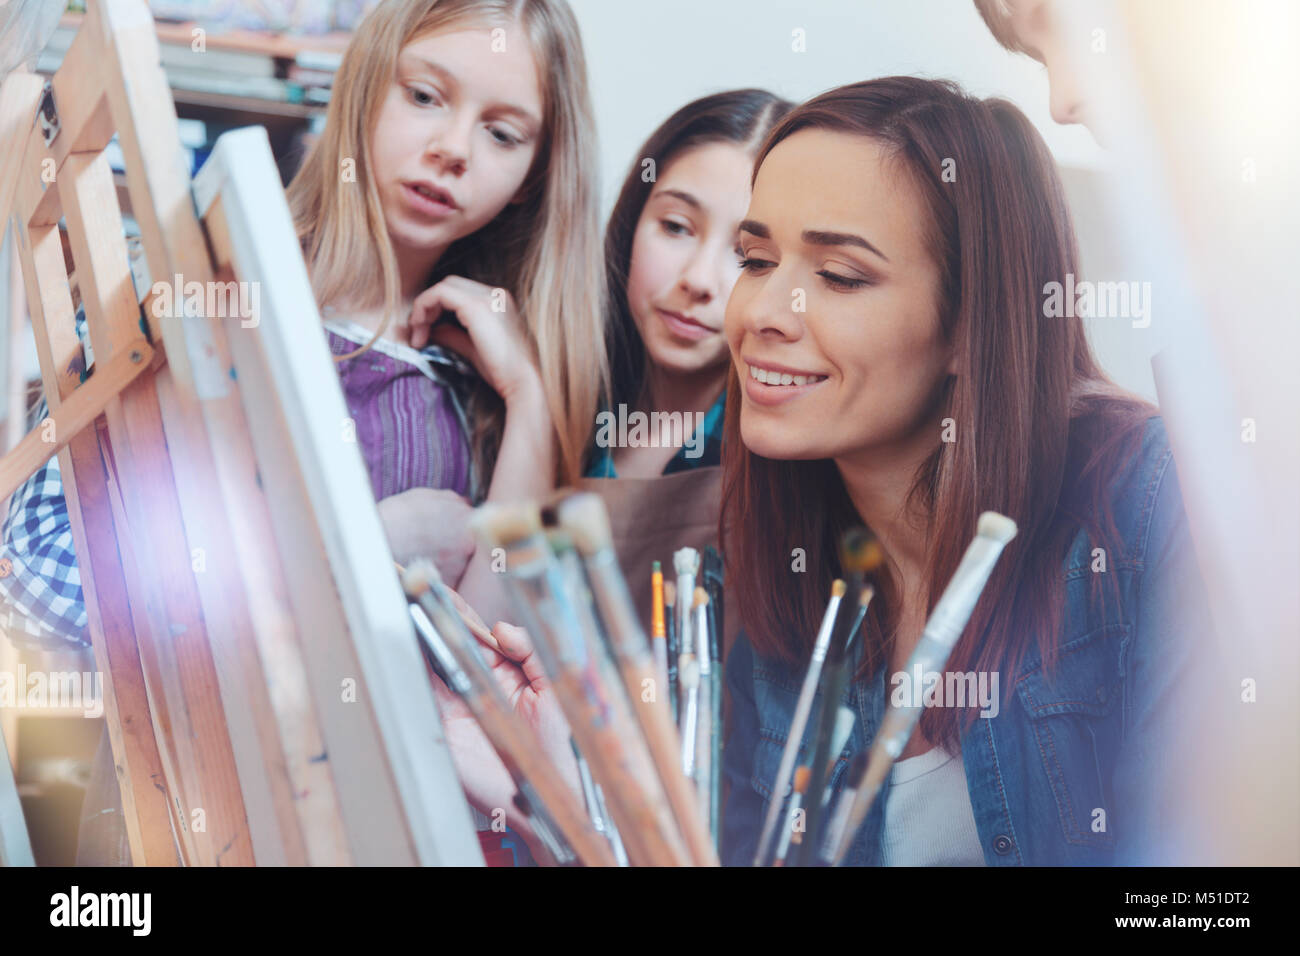 Ragazzi di talento guardando il loro insegnante di pittura a lavorare Immagini Stock